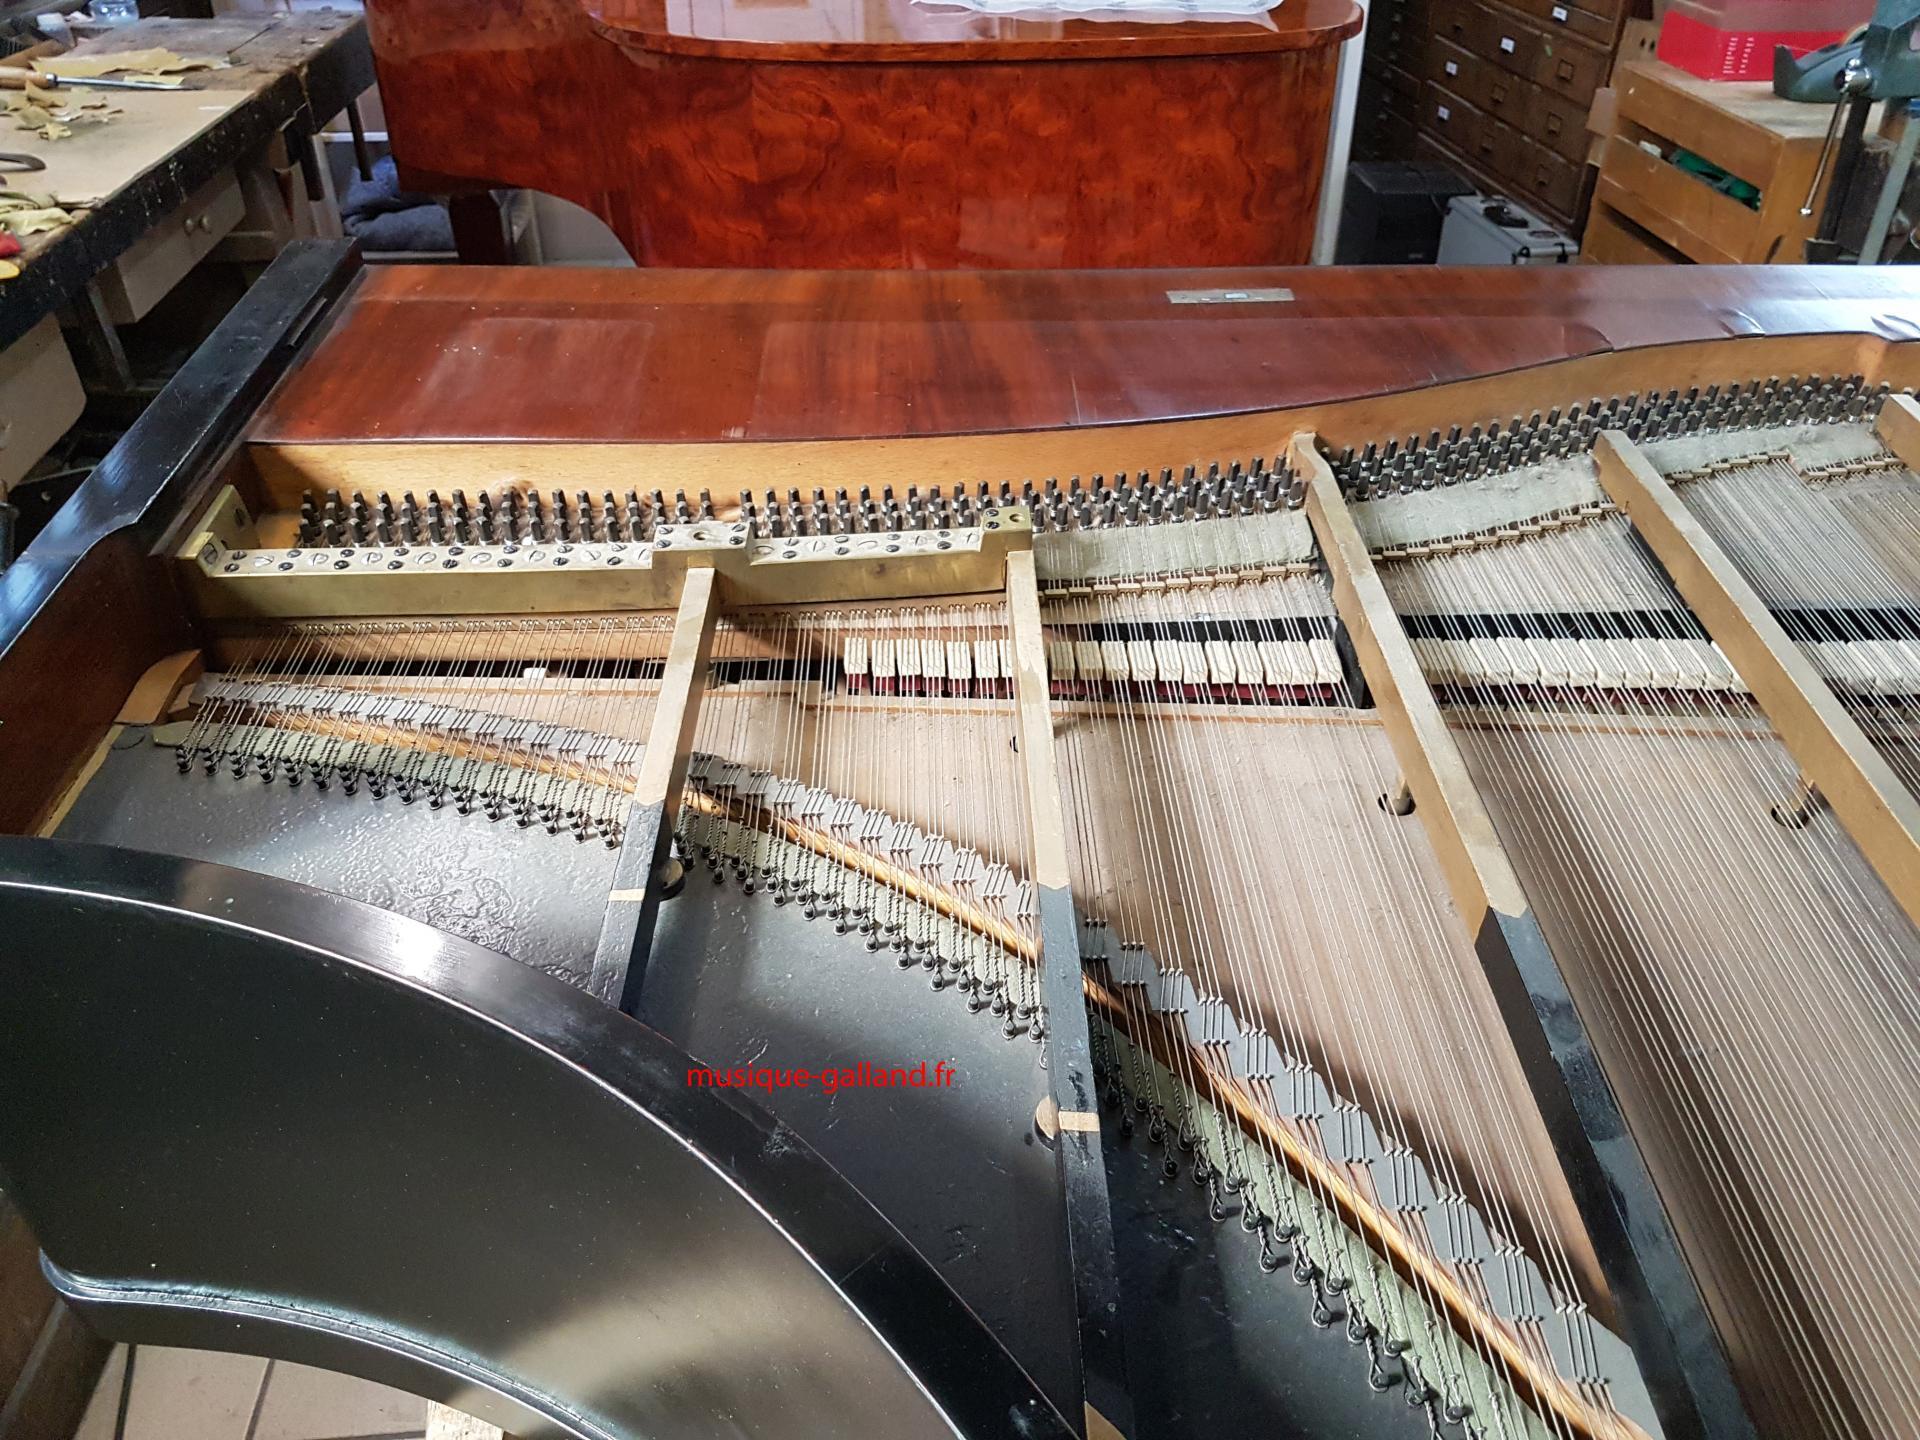 Grand couvercle enlevé, mis à jour de l'instrument